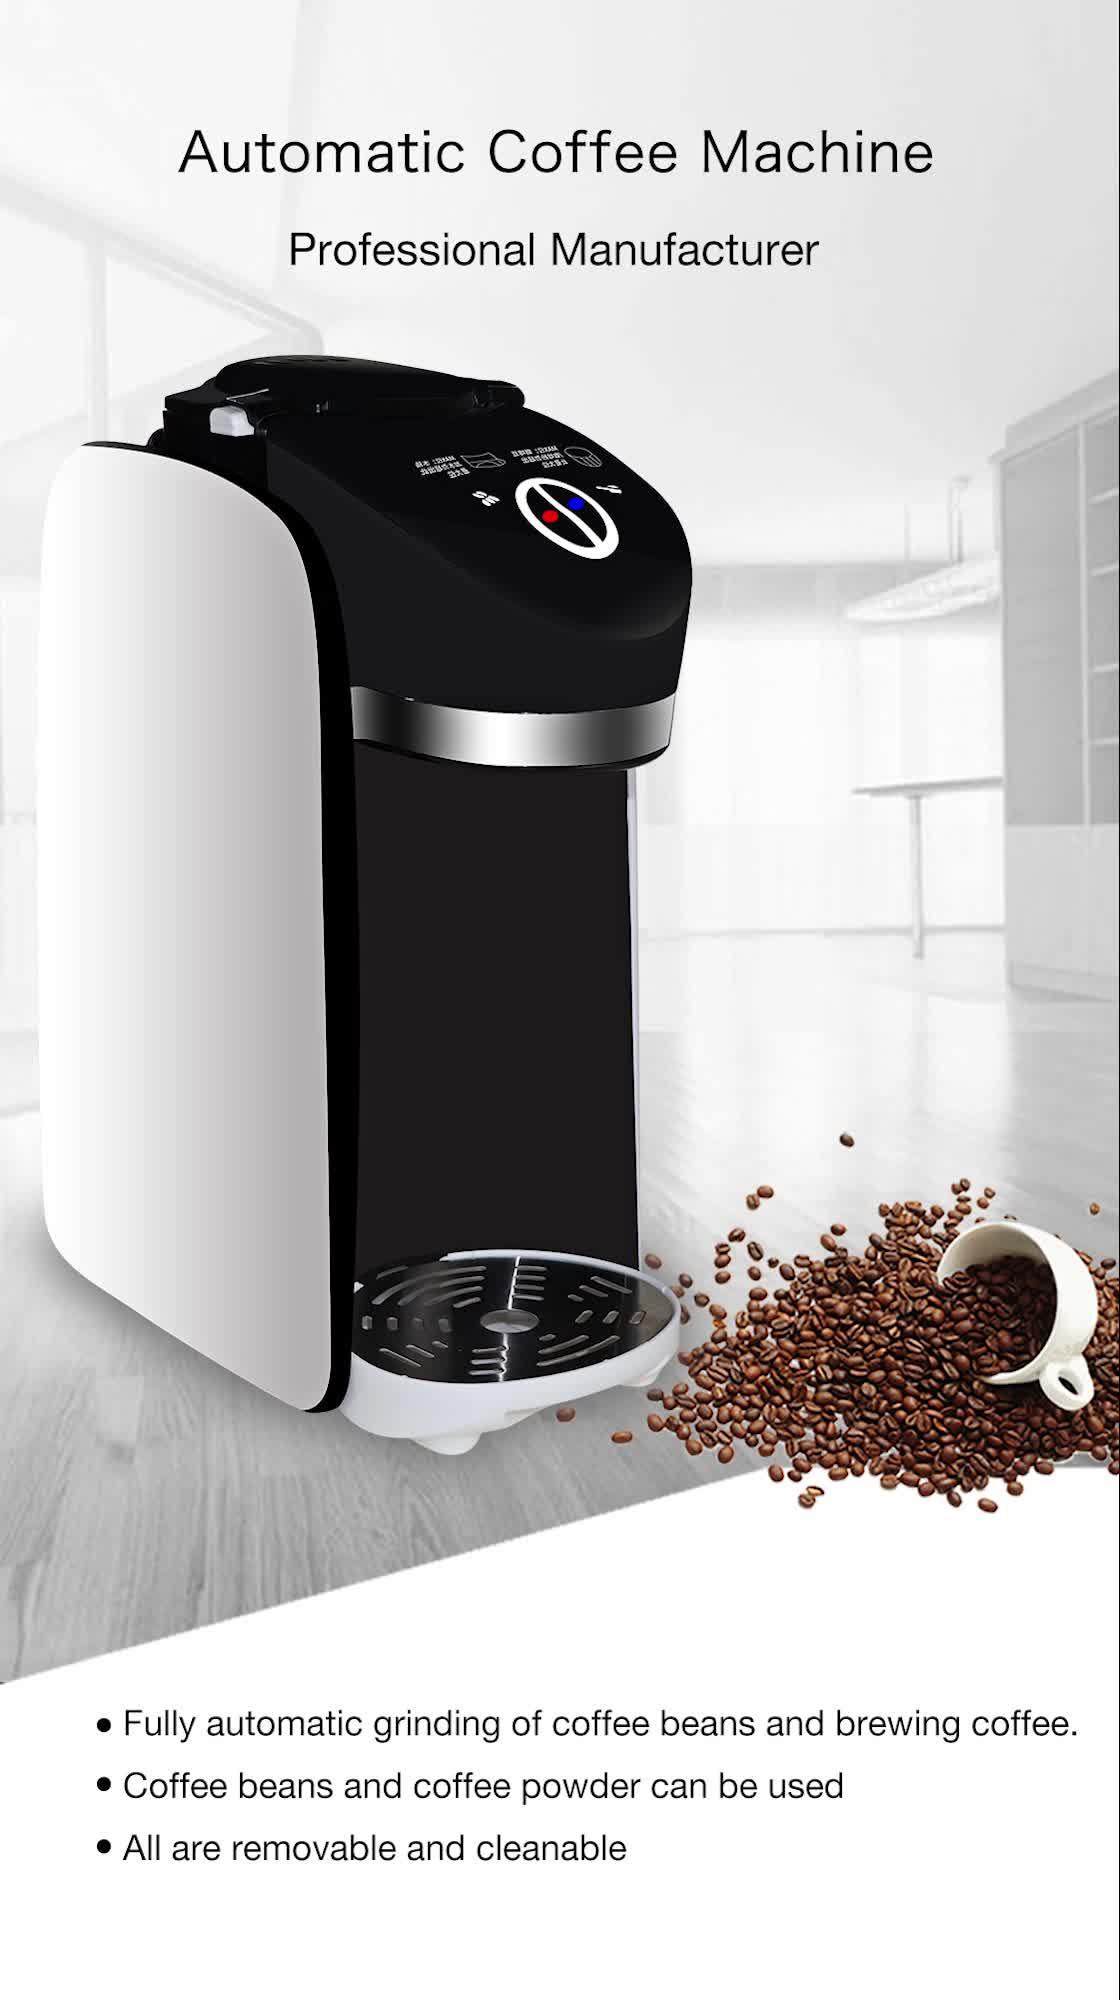 ABS kunststoff türkische instant espresso kaffee maschine verwendet mit volle automatische